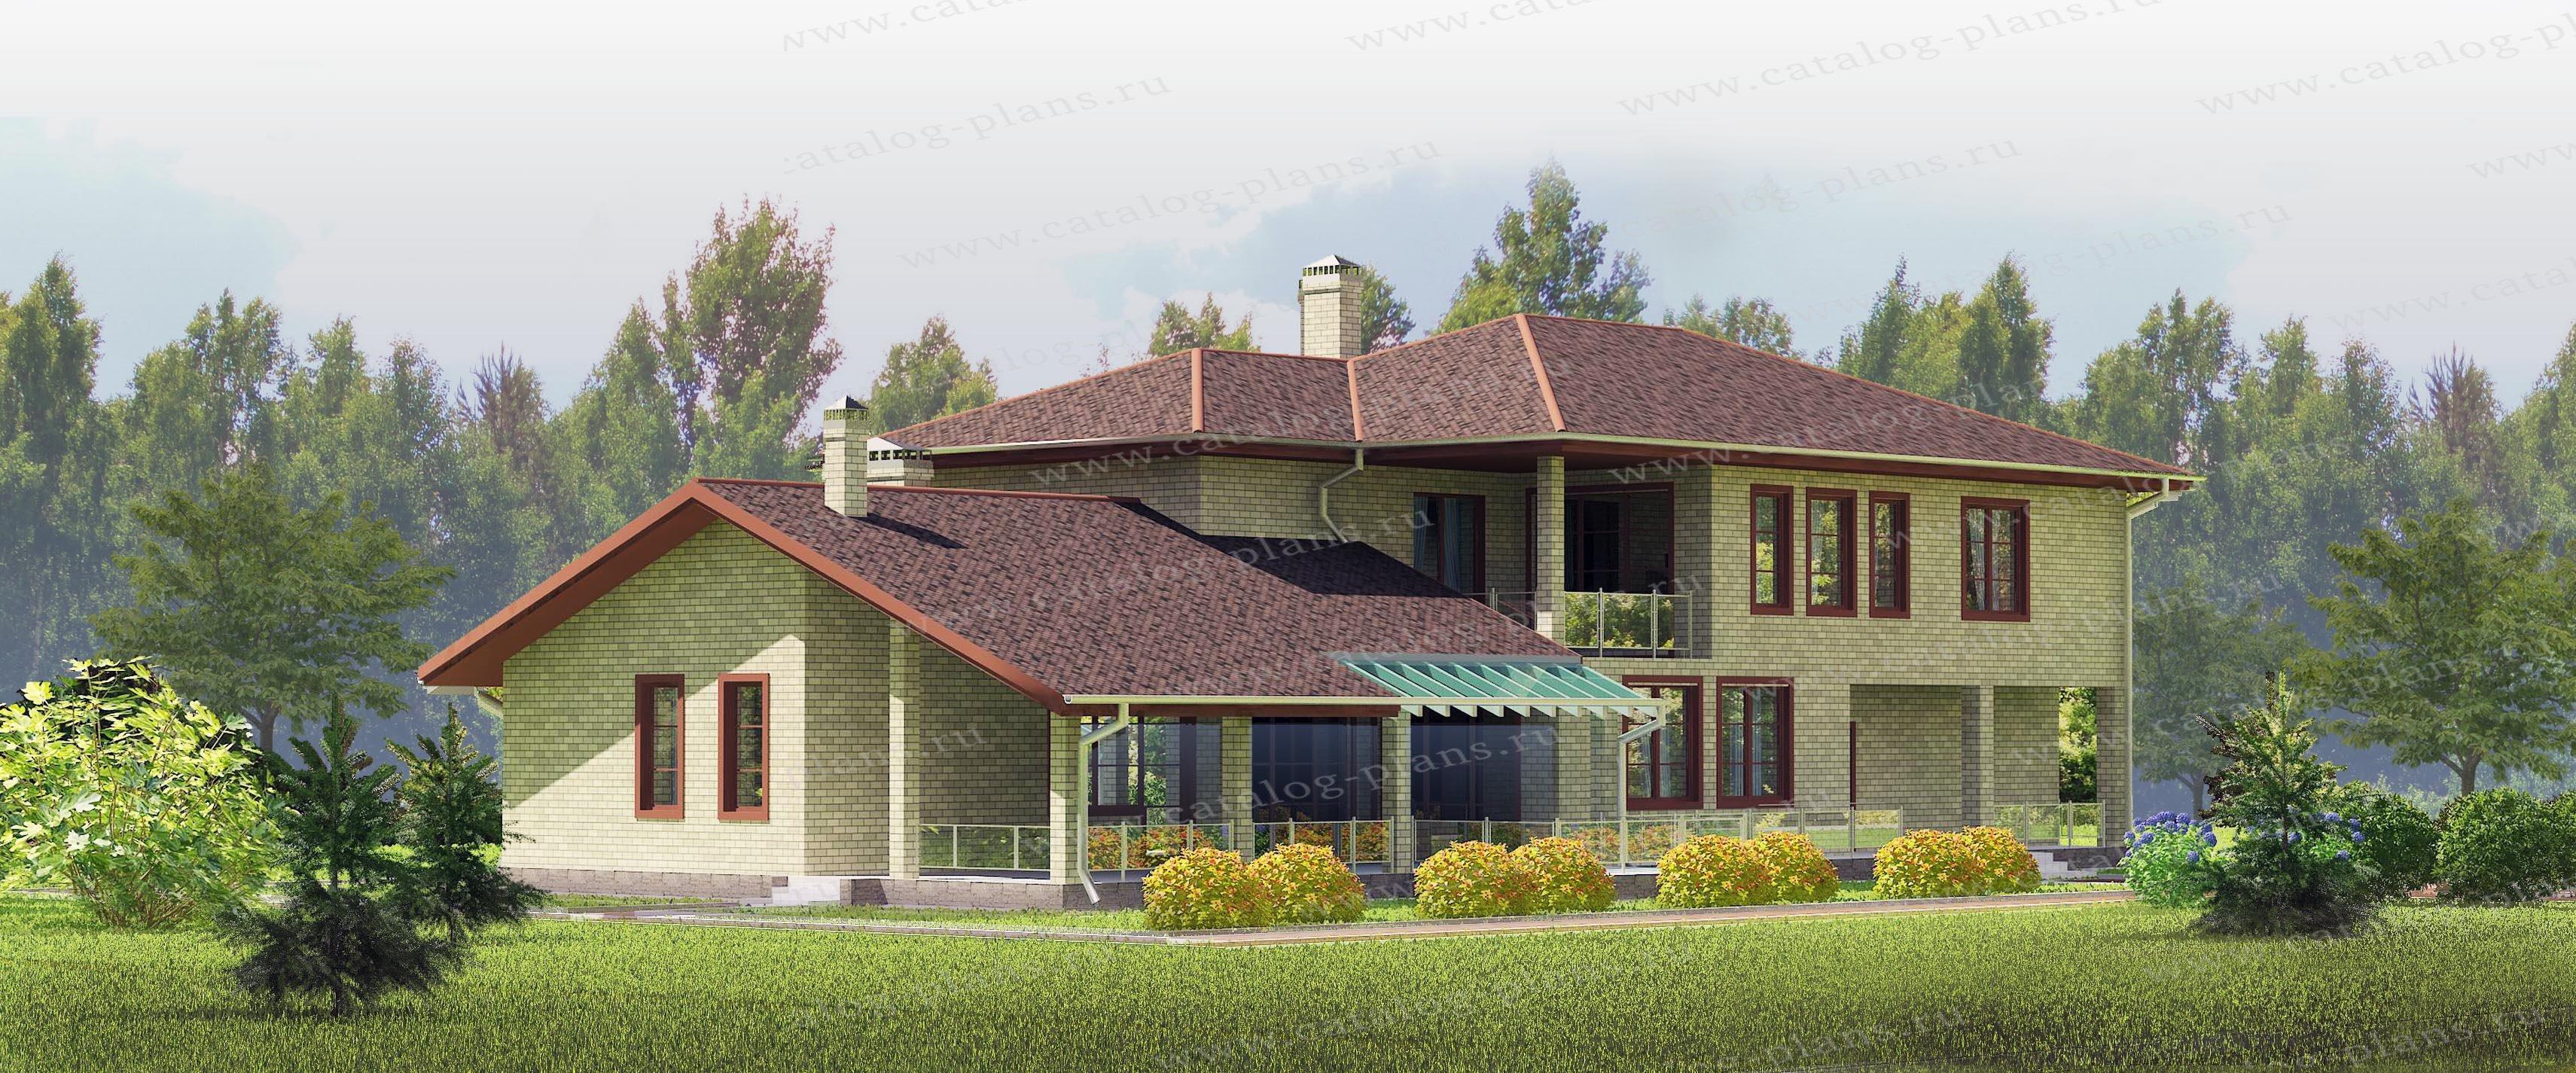 Проект жилой дом #60-59 материал - газобетон, стиль европейский